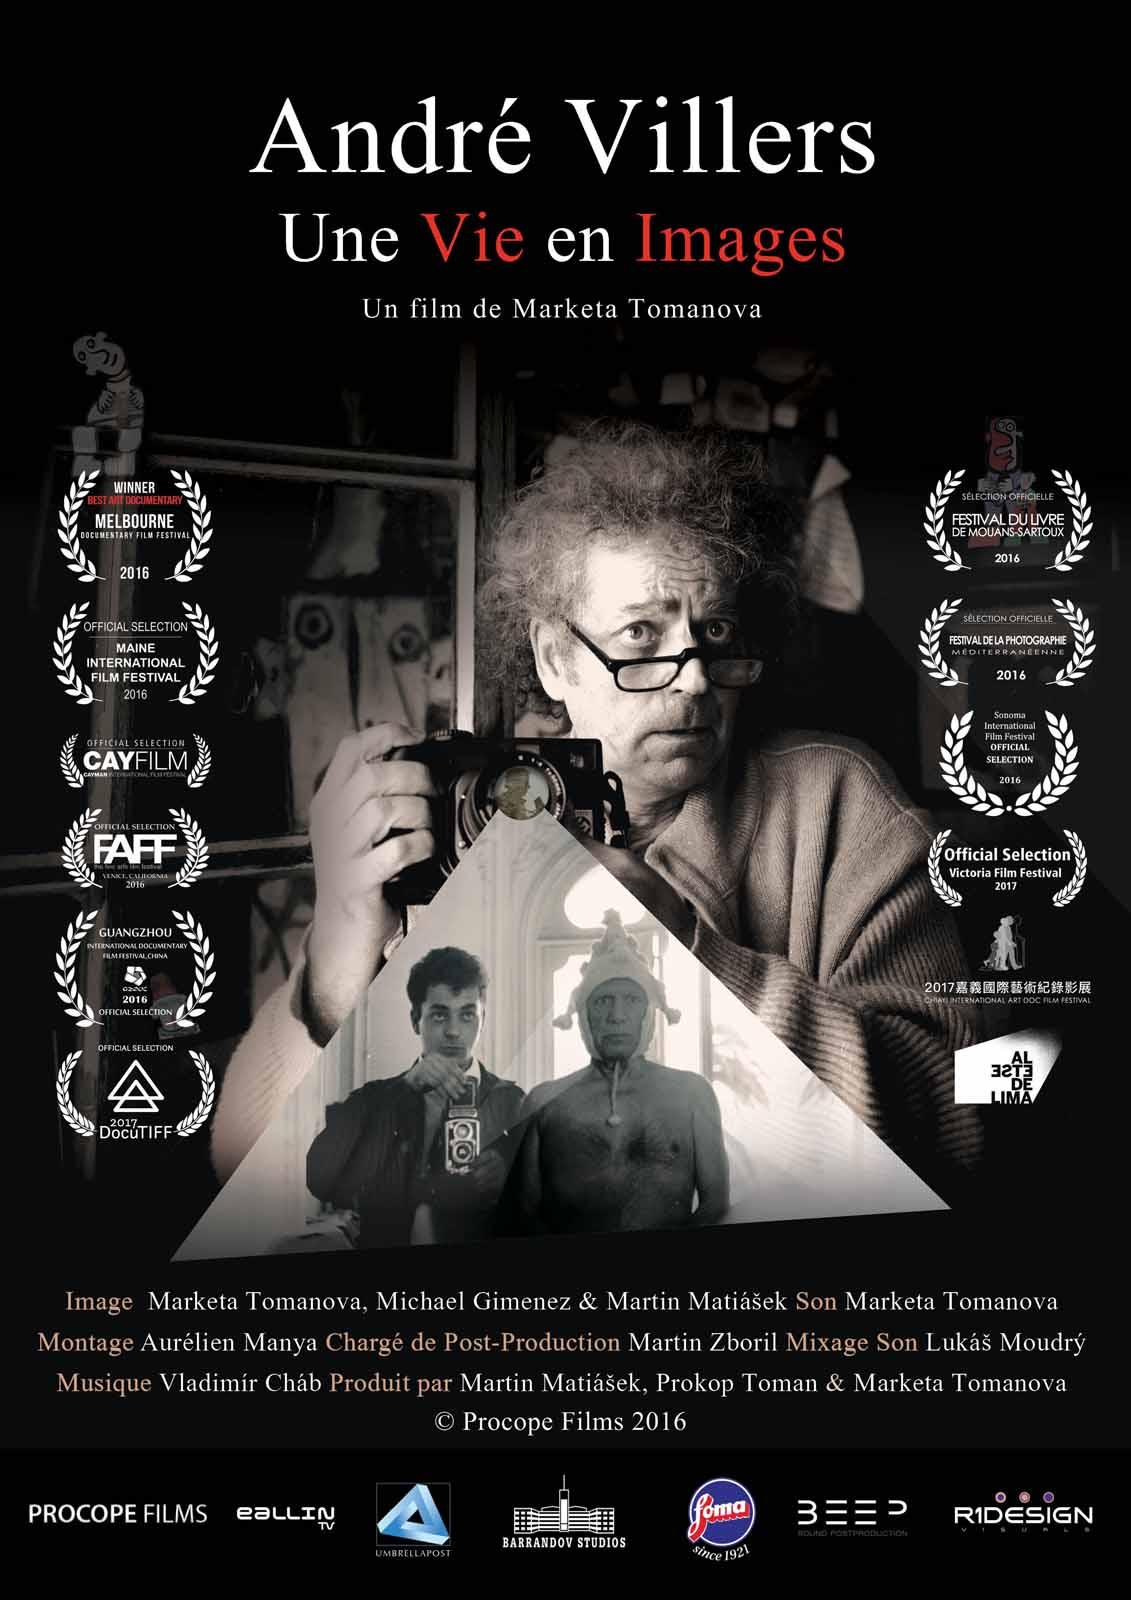 Affiche du film André Villers, Une Vie en Images